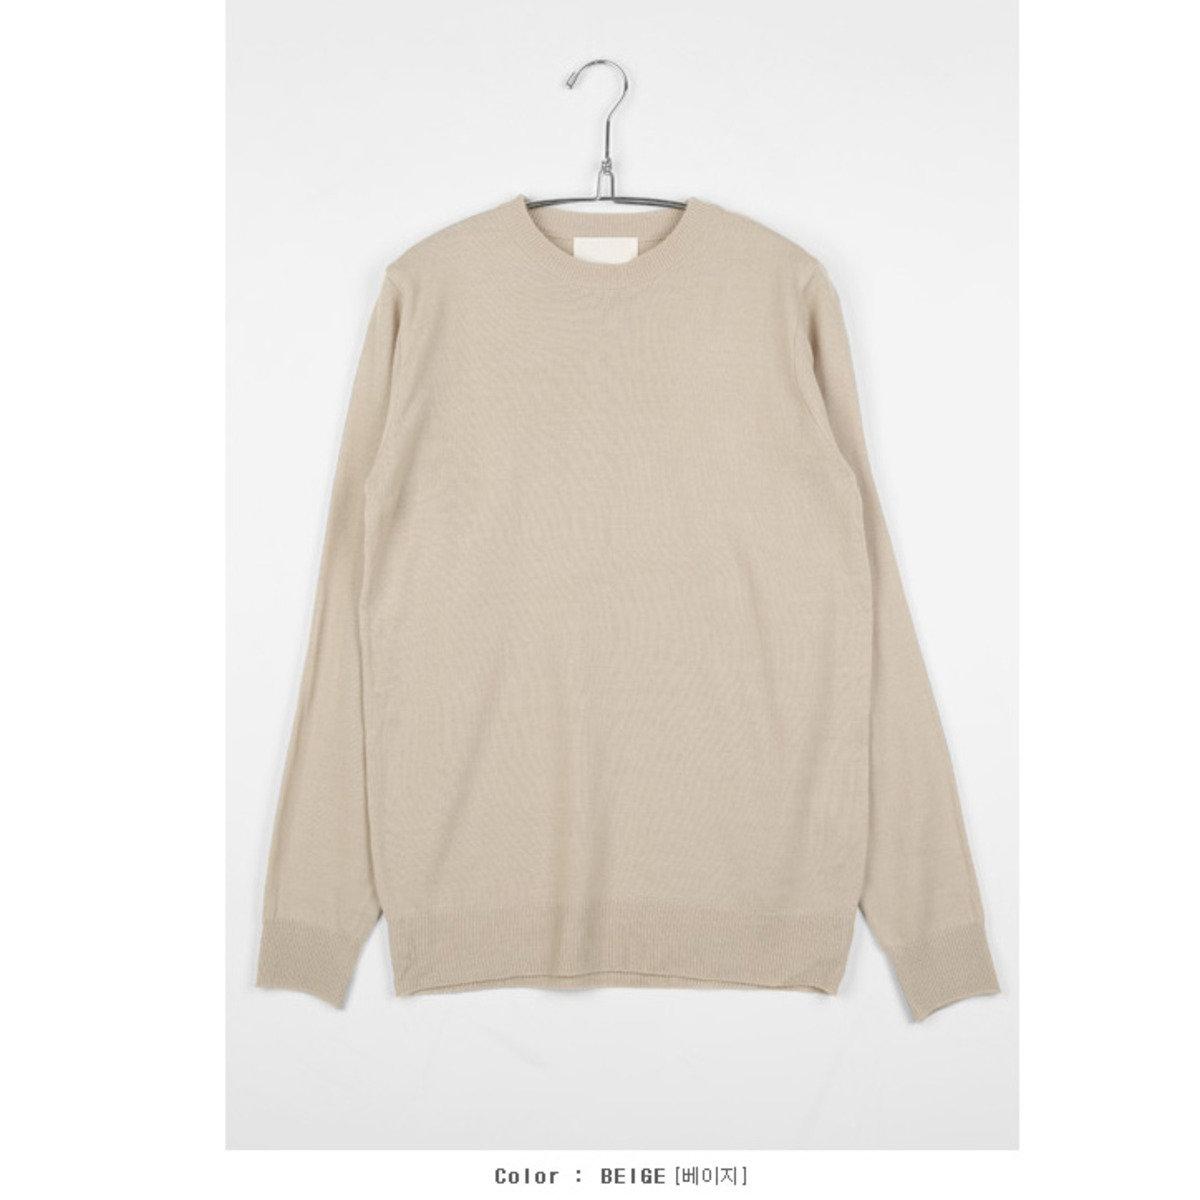 淨色針織衫_TN3_160229854